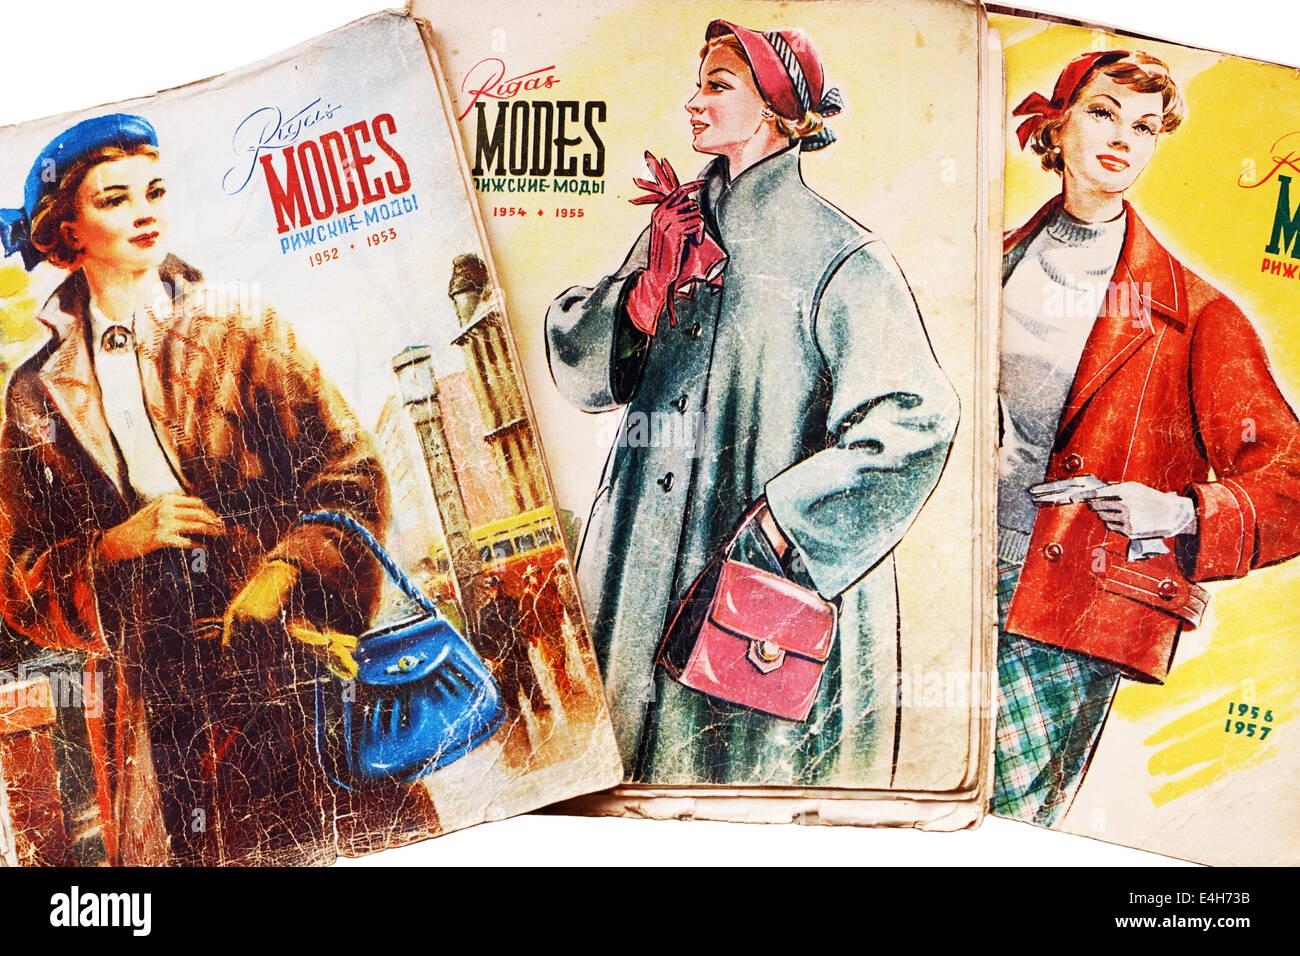 Magazine de mode letton Rigas' 'Modes pour les années 1952-1957 Photo Stock